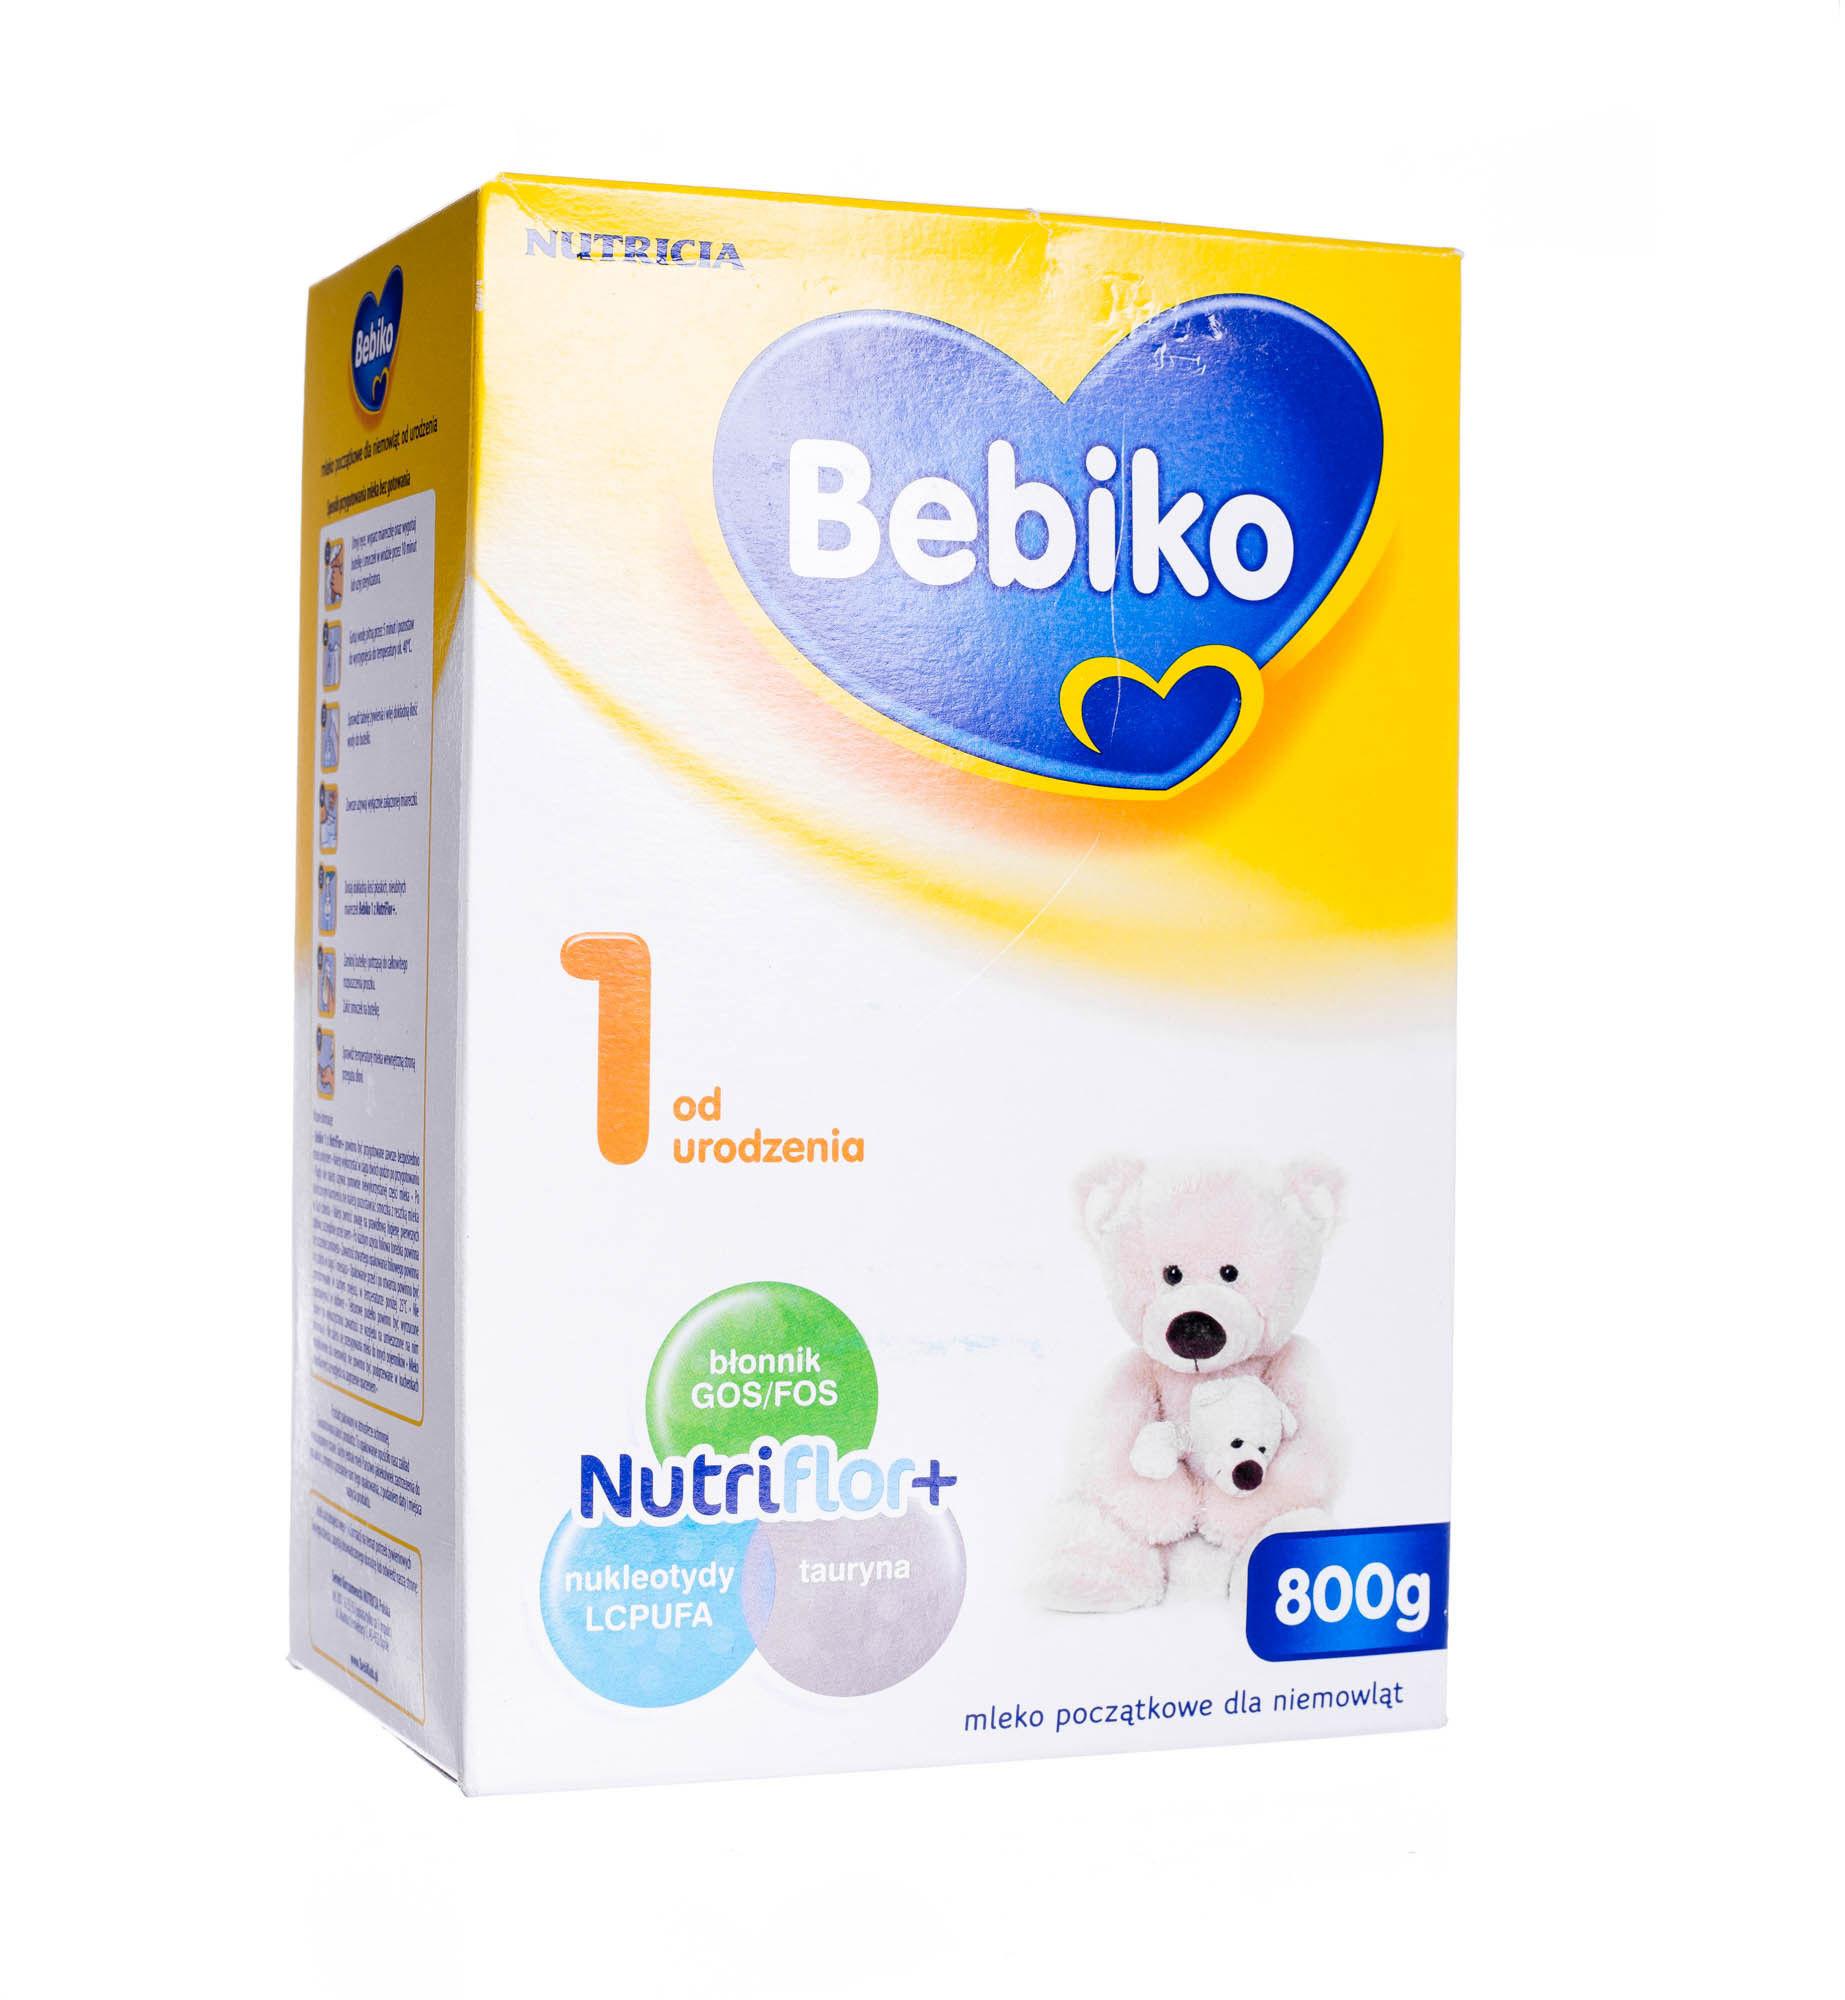 Bebiko 1 mleko początkowe od urodzenia proszek 800 g